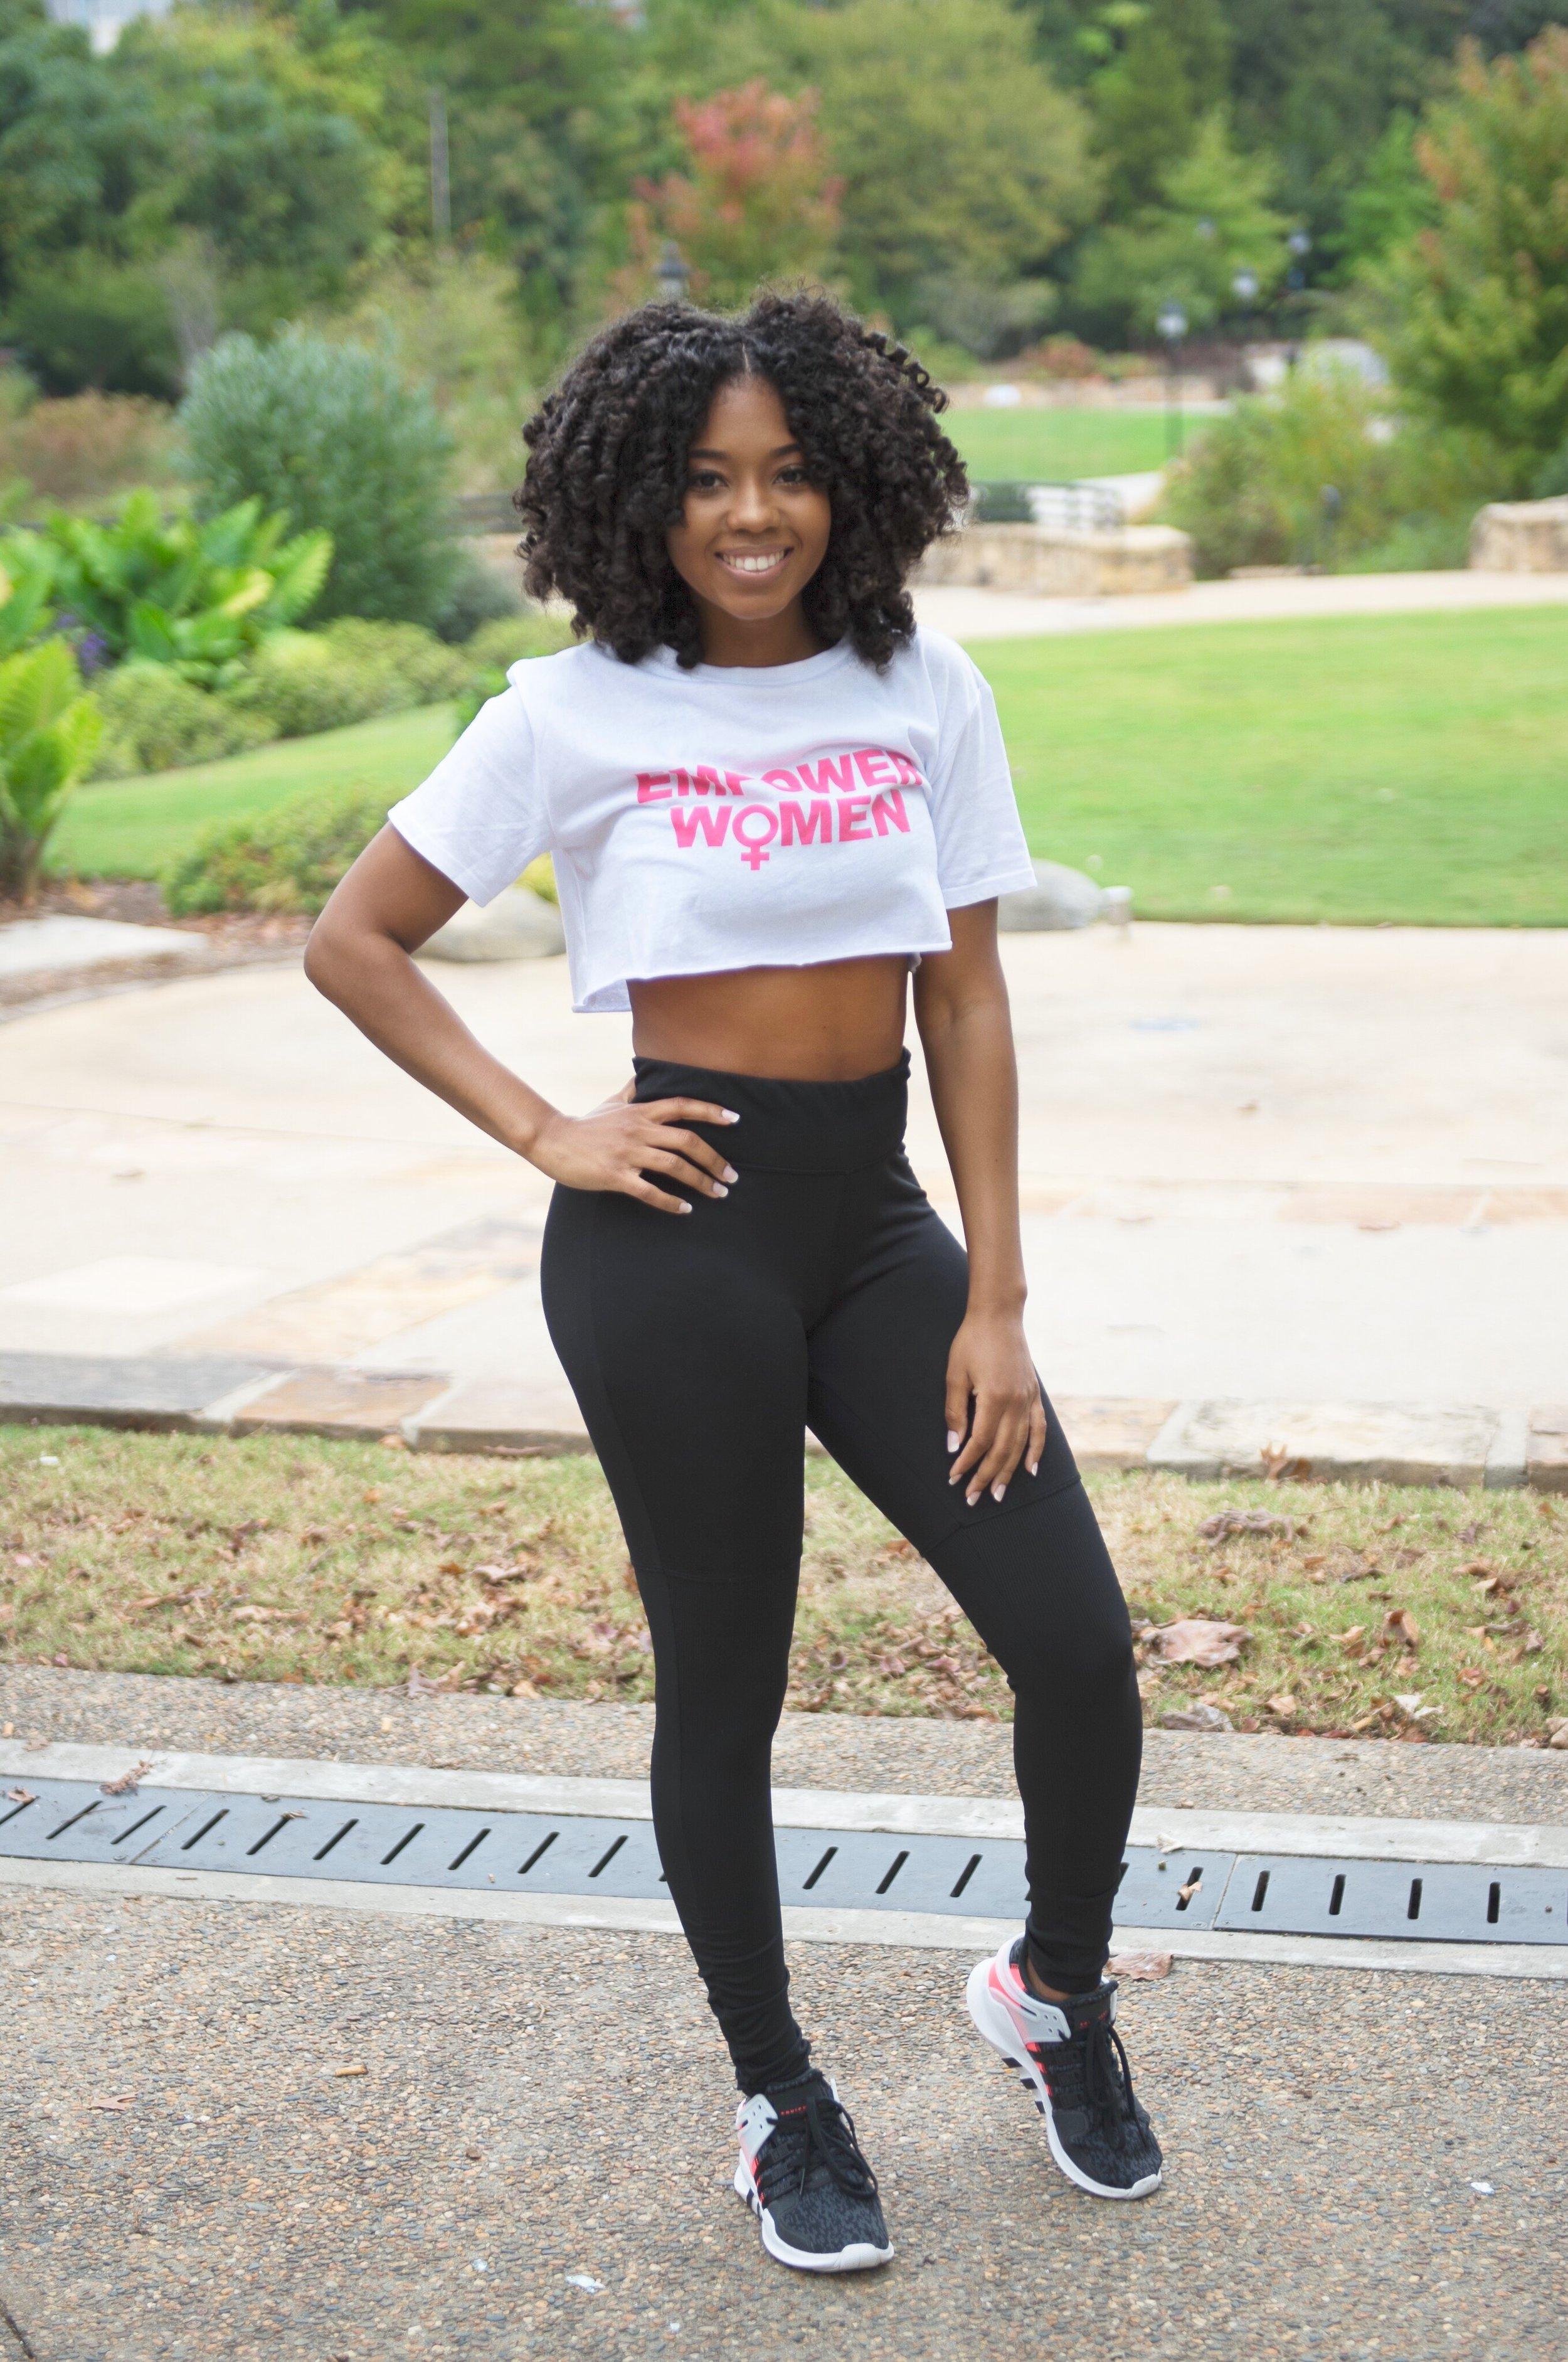 Fitness Lifestyle Blog Just Being Britt JustBeingBritt Flexi Rod Set ORS Empower Women